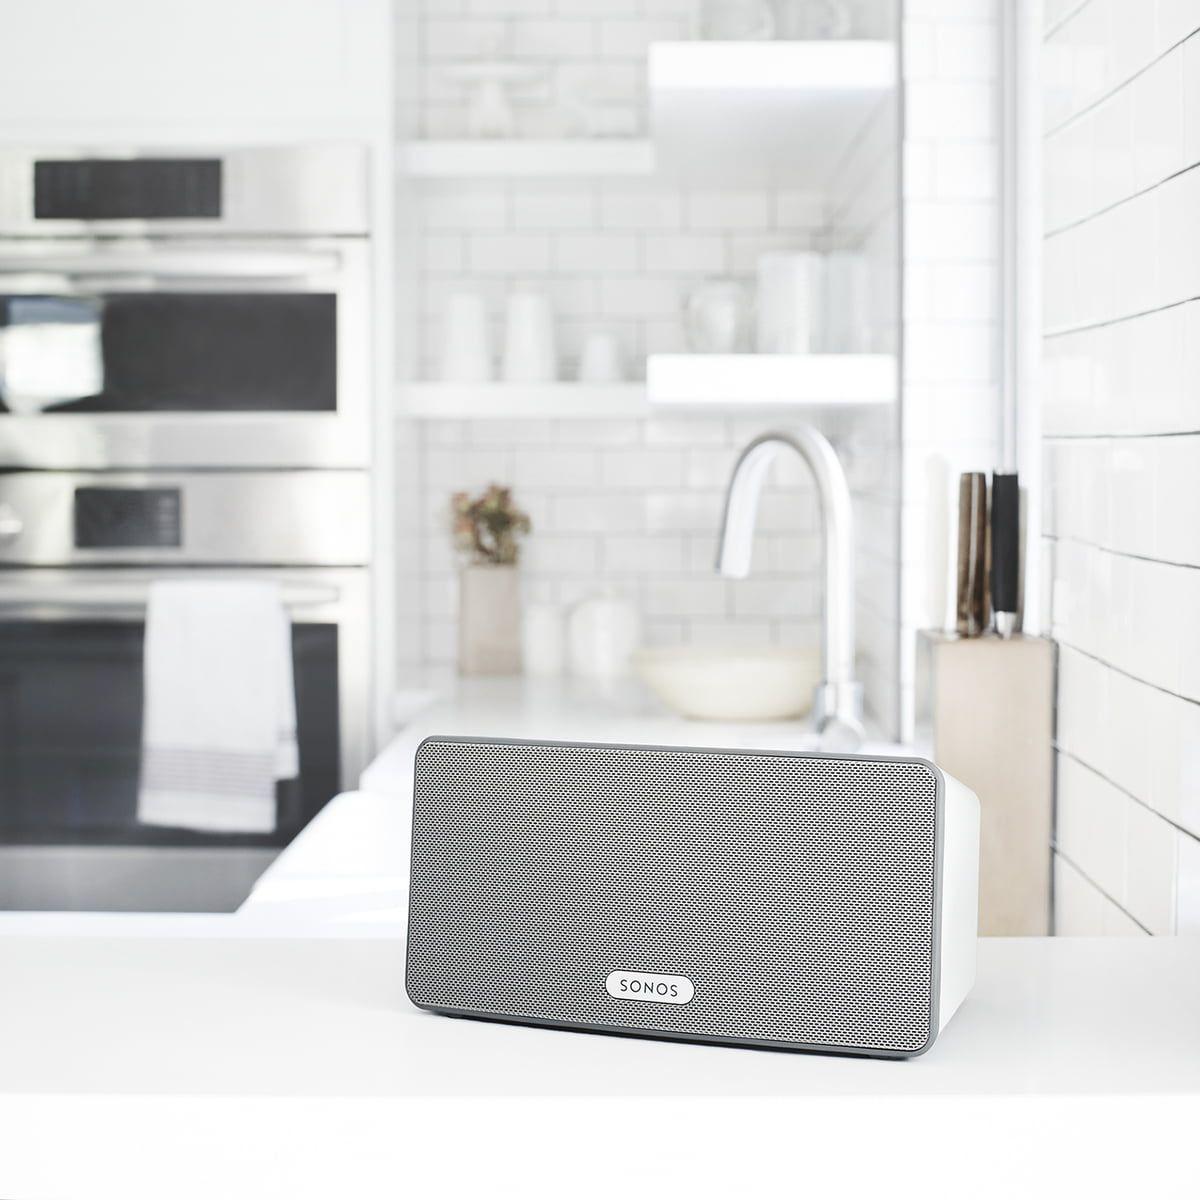 Standige Und Kostenlose Software Updates Sonos Testberichte